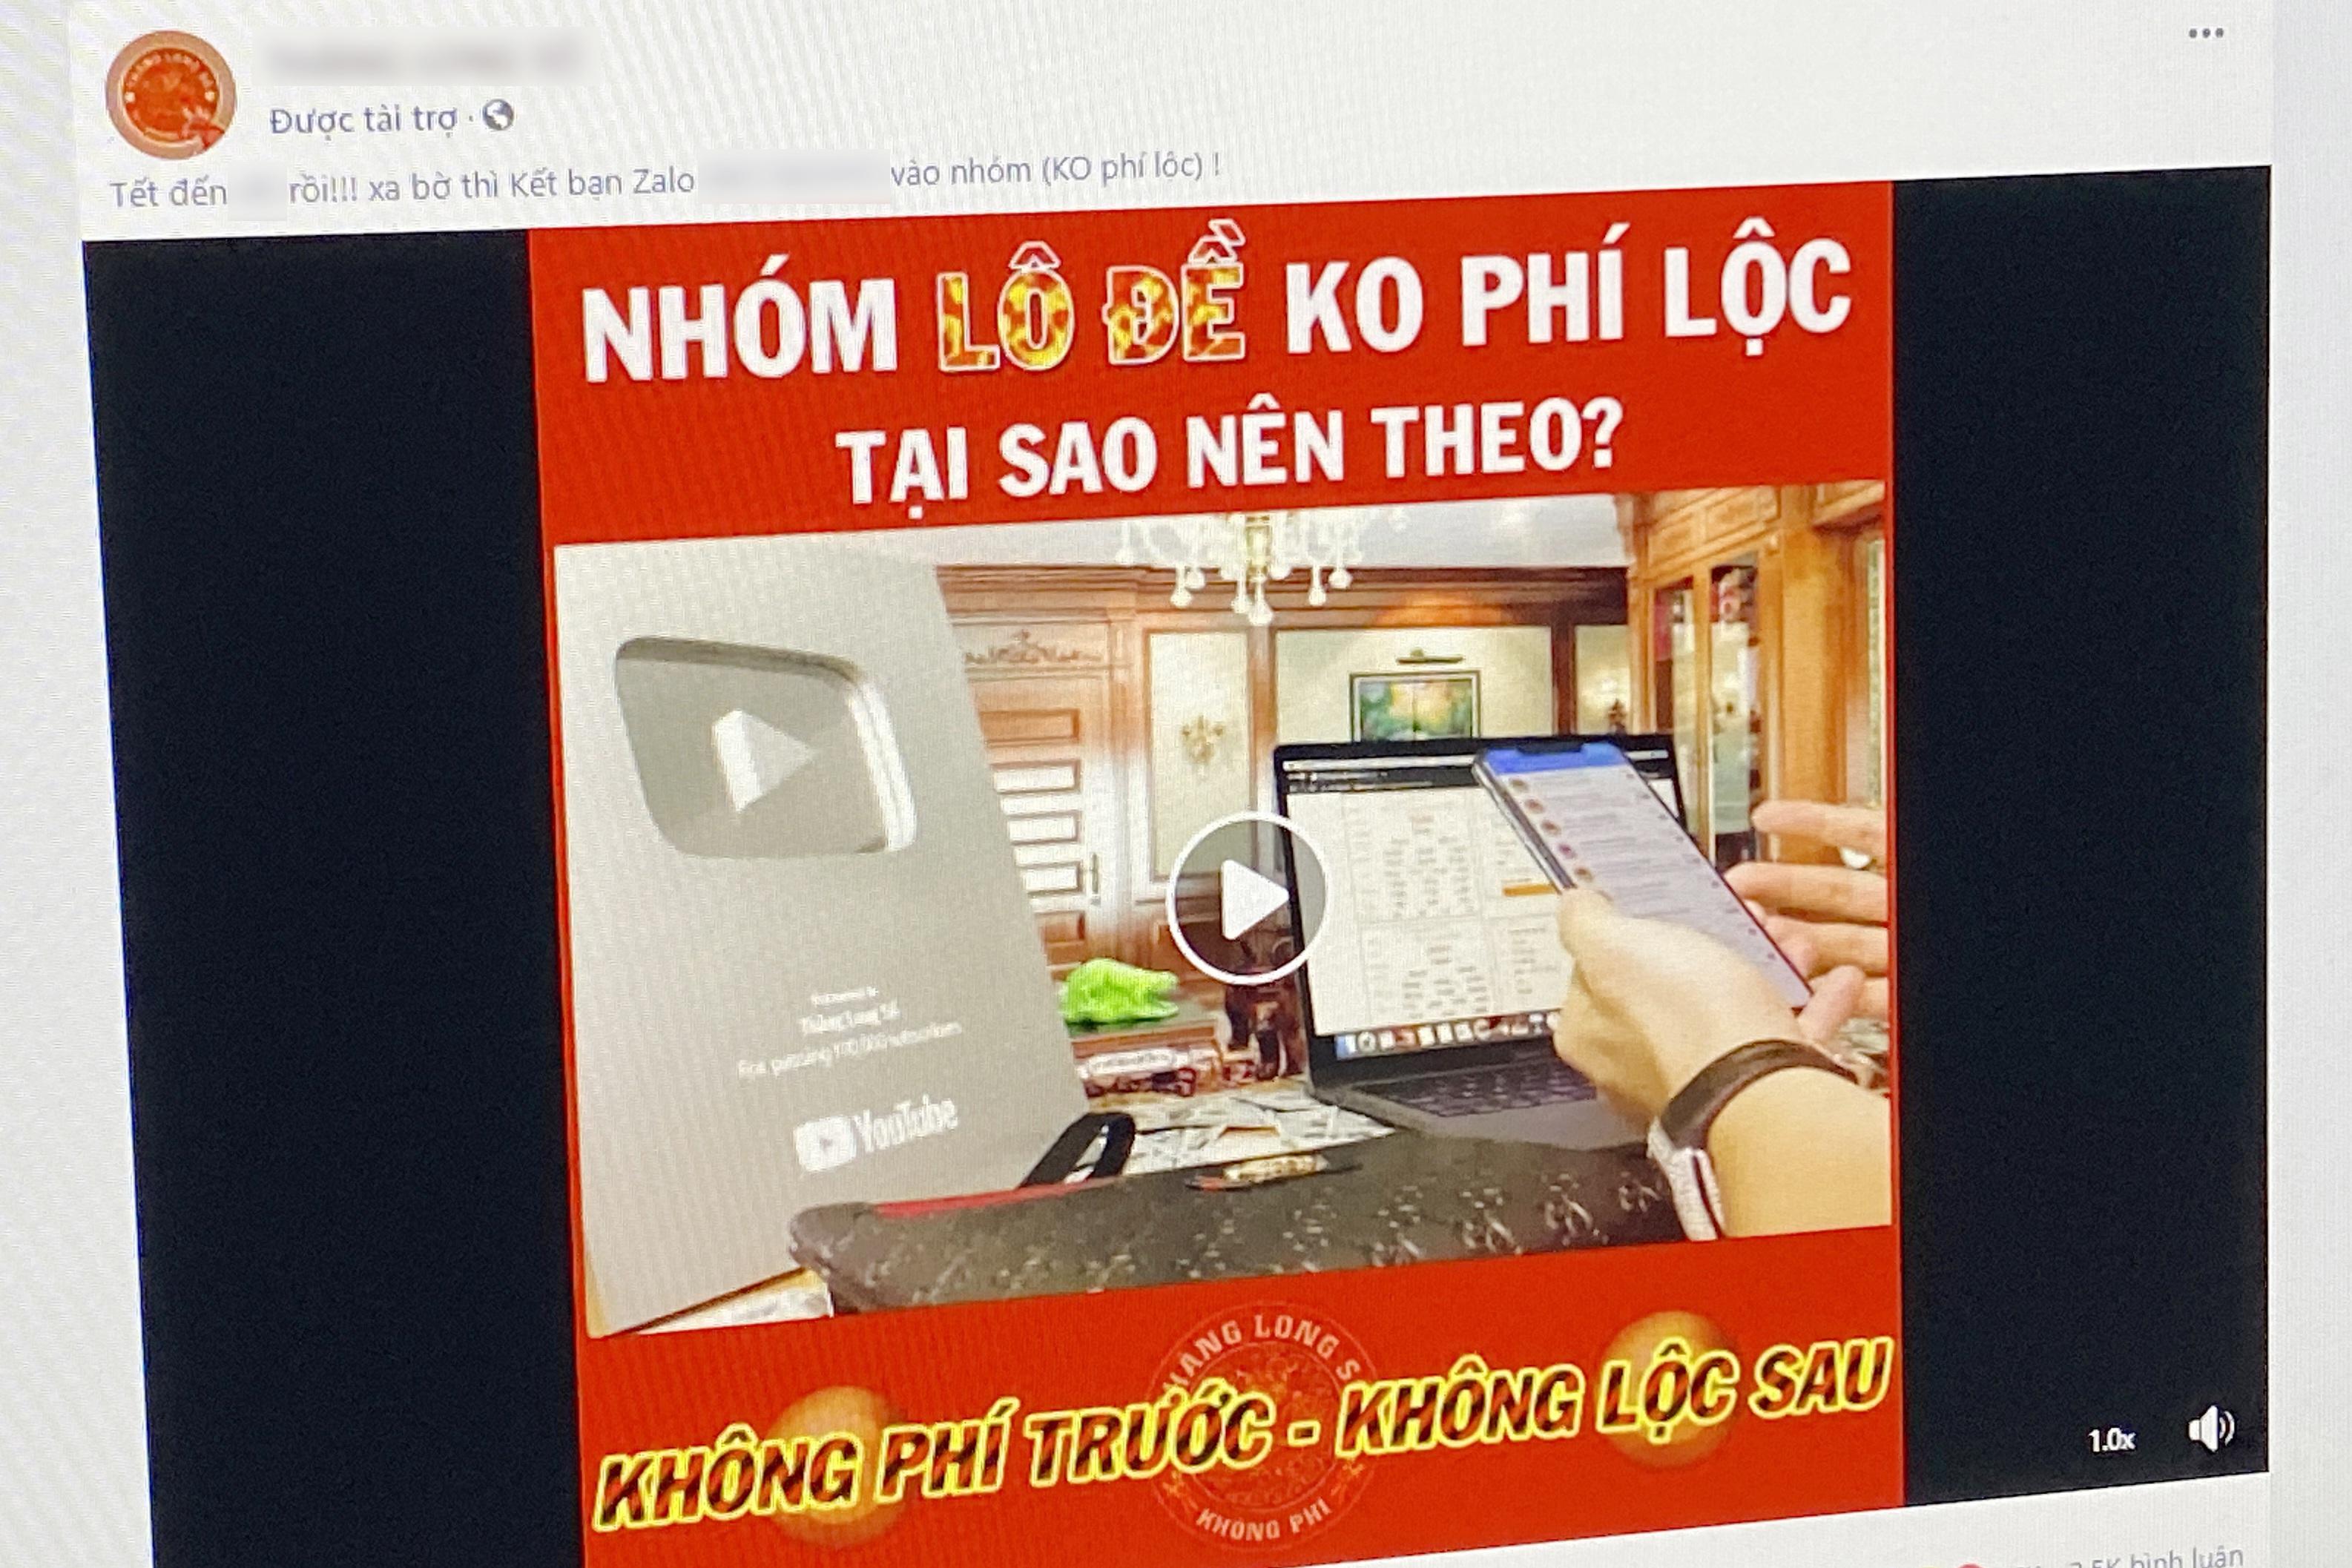 Quảng cáo lô đề tràn lan trên Facebook - Ảnh 1.